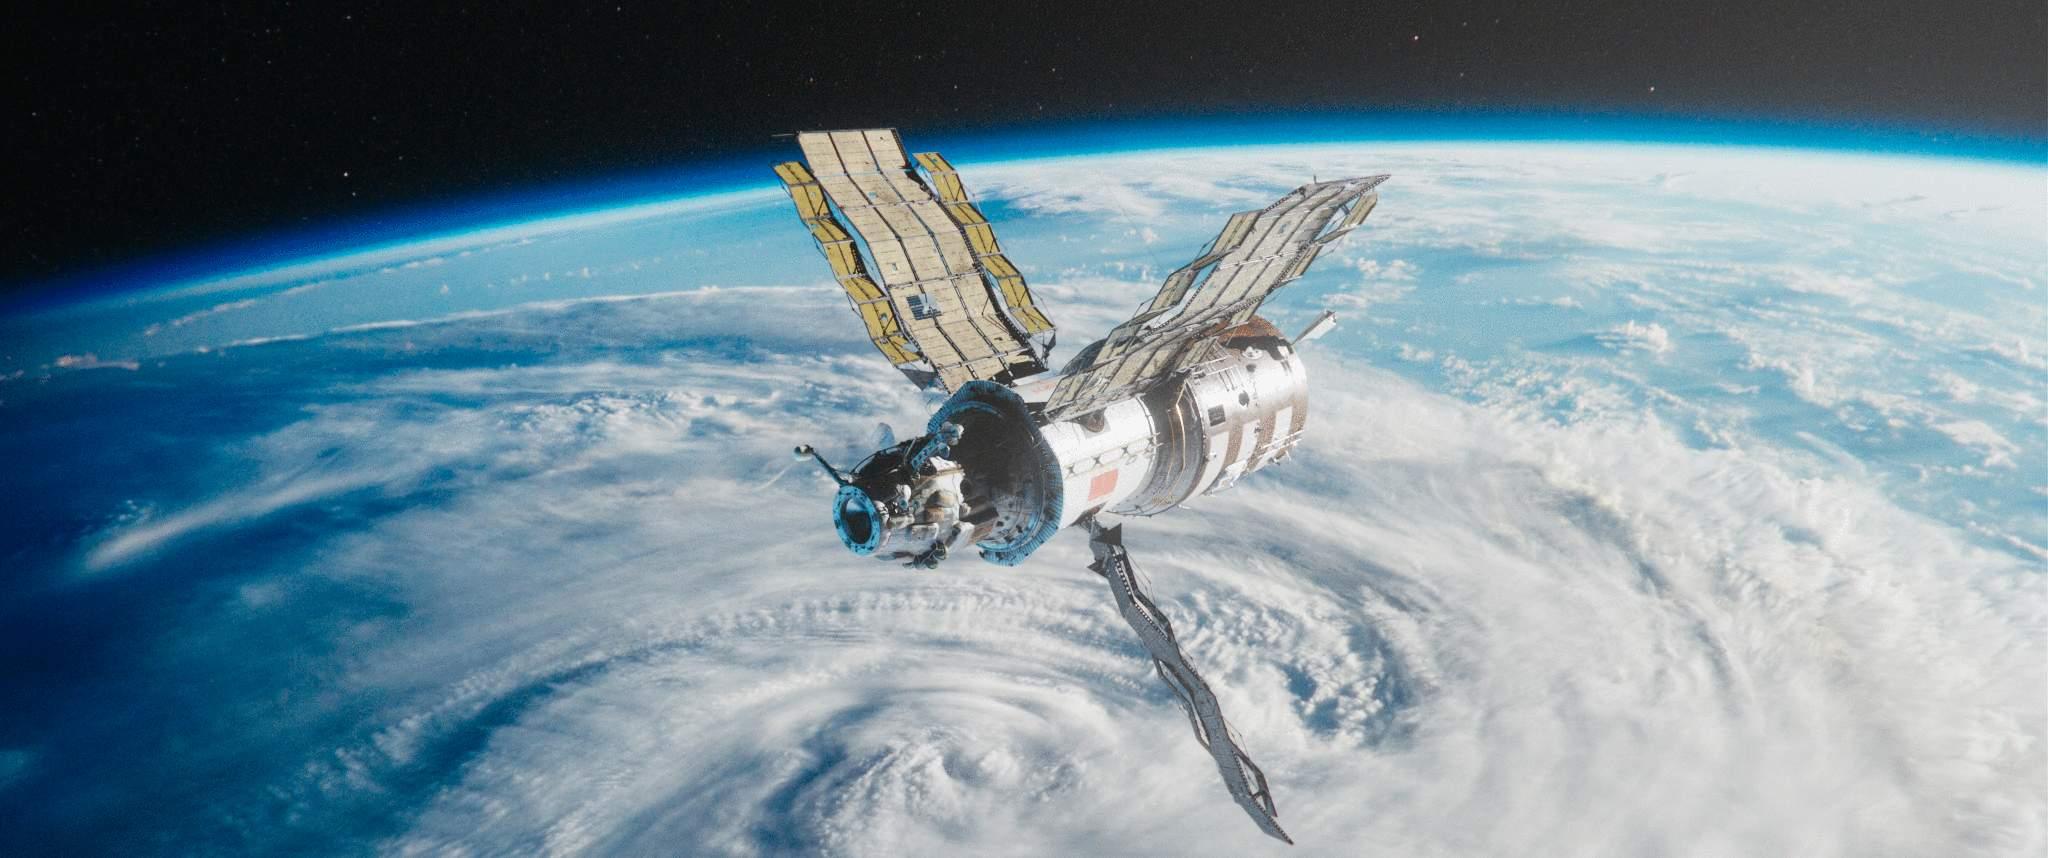 Raumstationen (1): Die Saljut 7